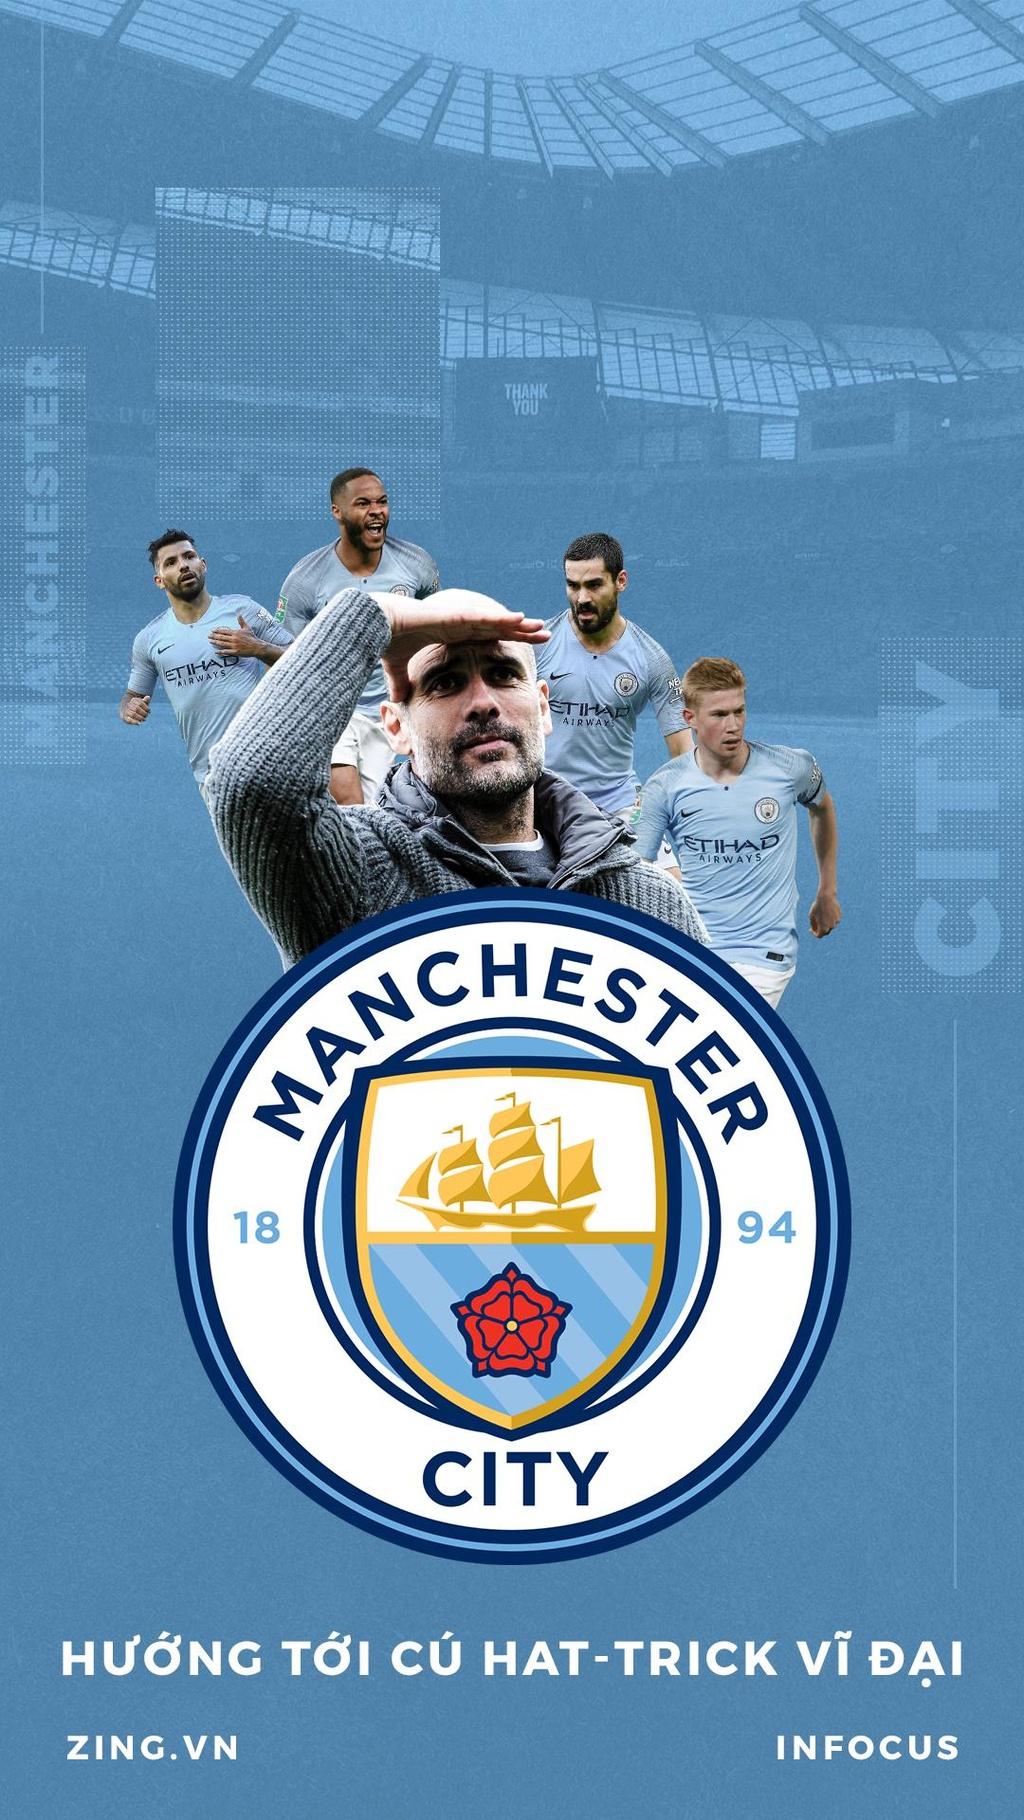 Man City huong toi cu hat-trick vi dai hinh anh 1